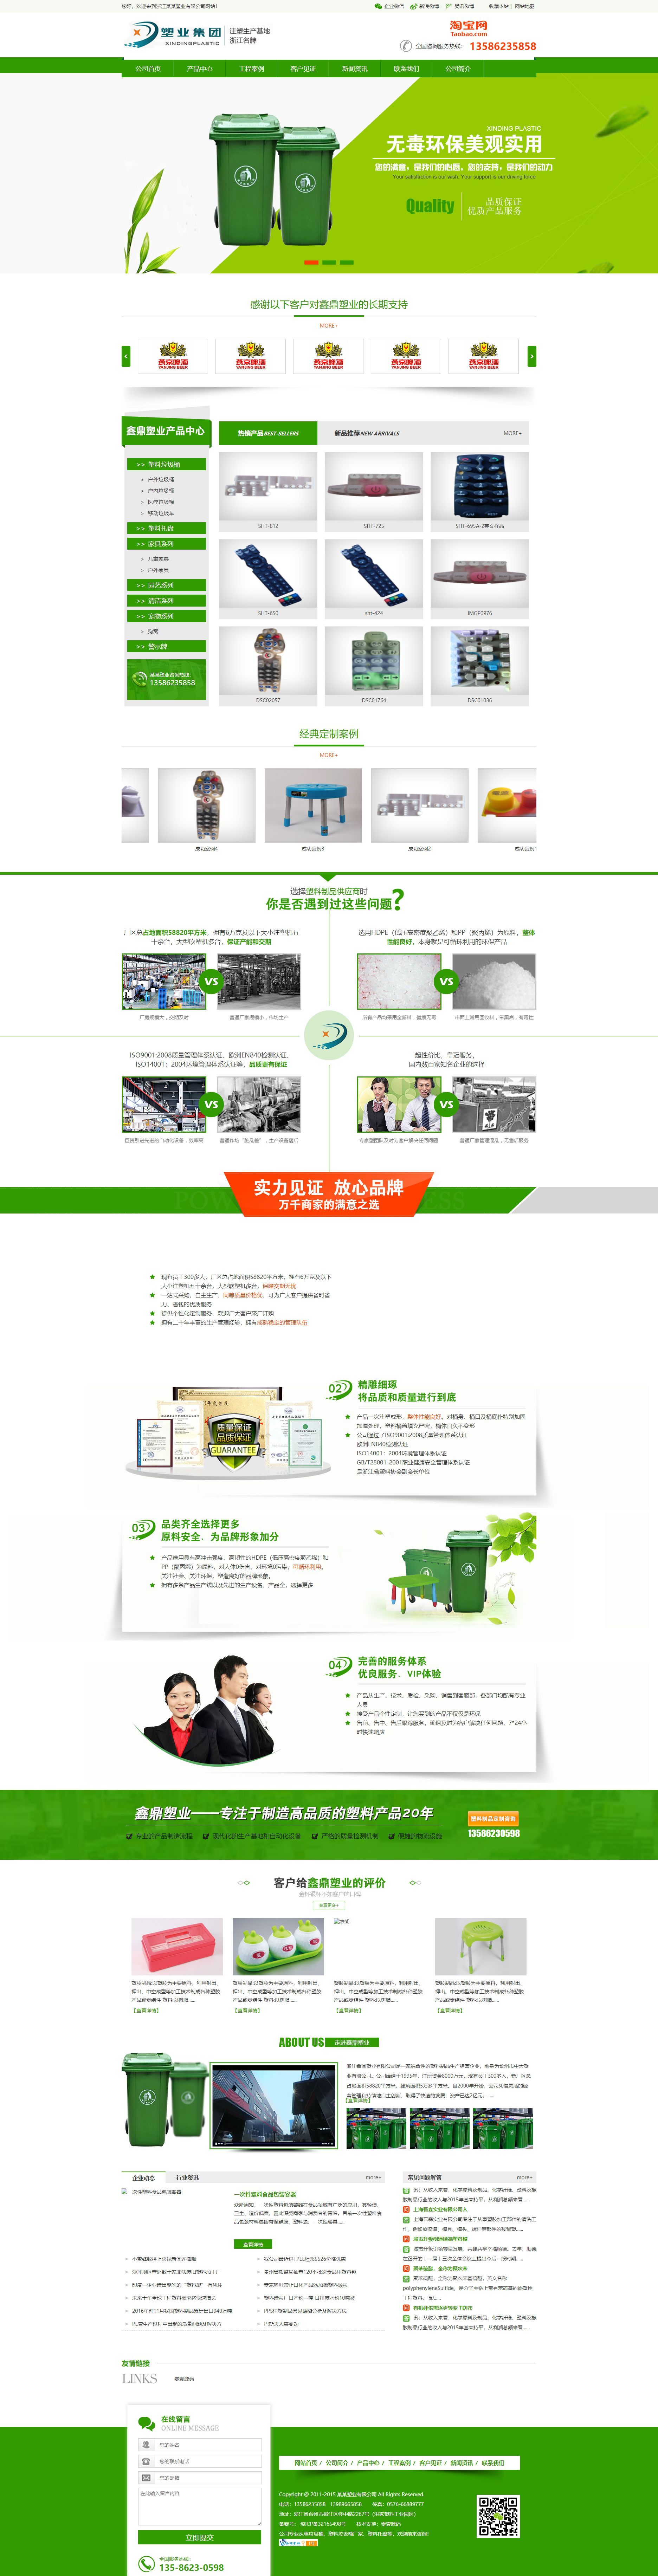 绿色营销型塑料制品类网站织梦dedecms模板(带手机端)